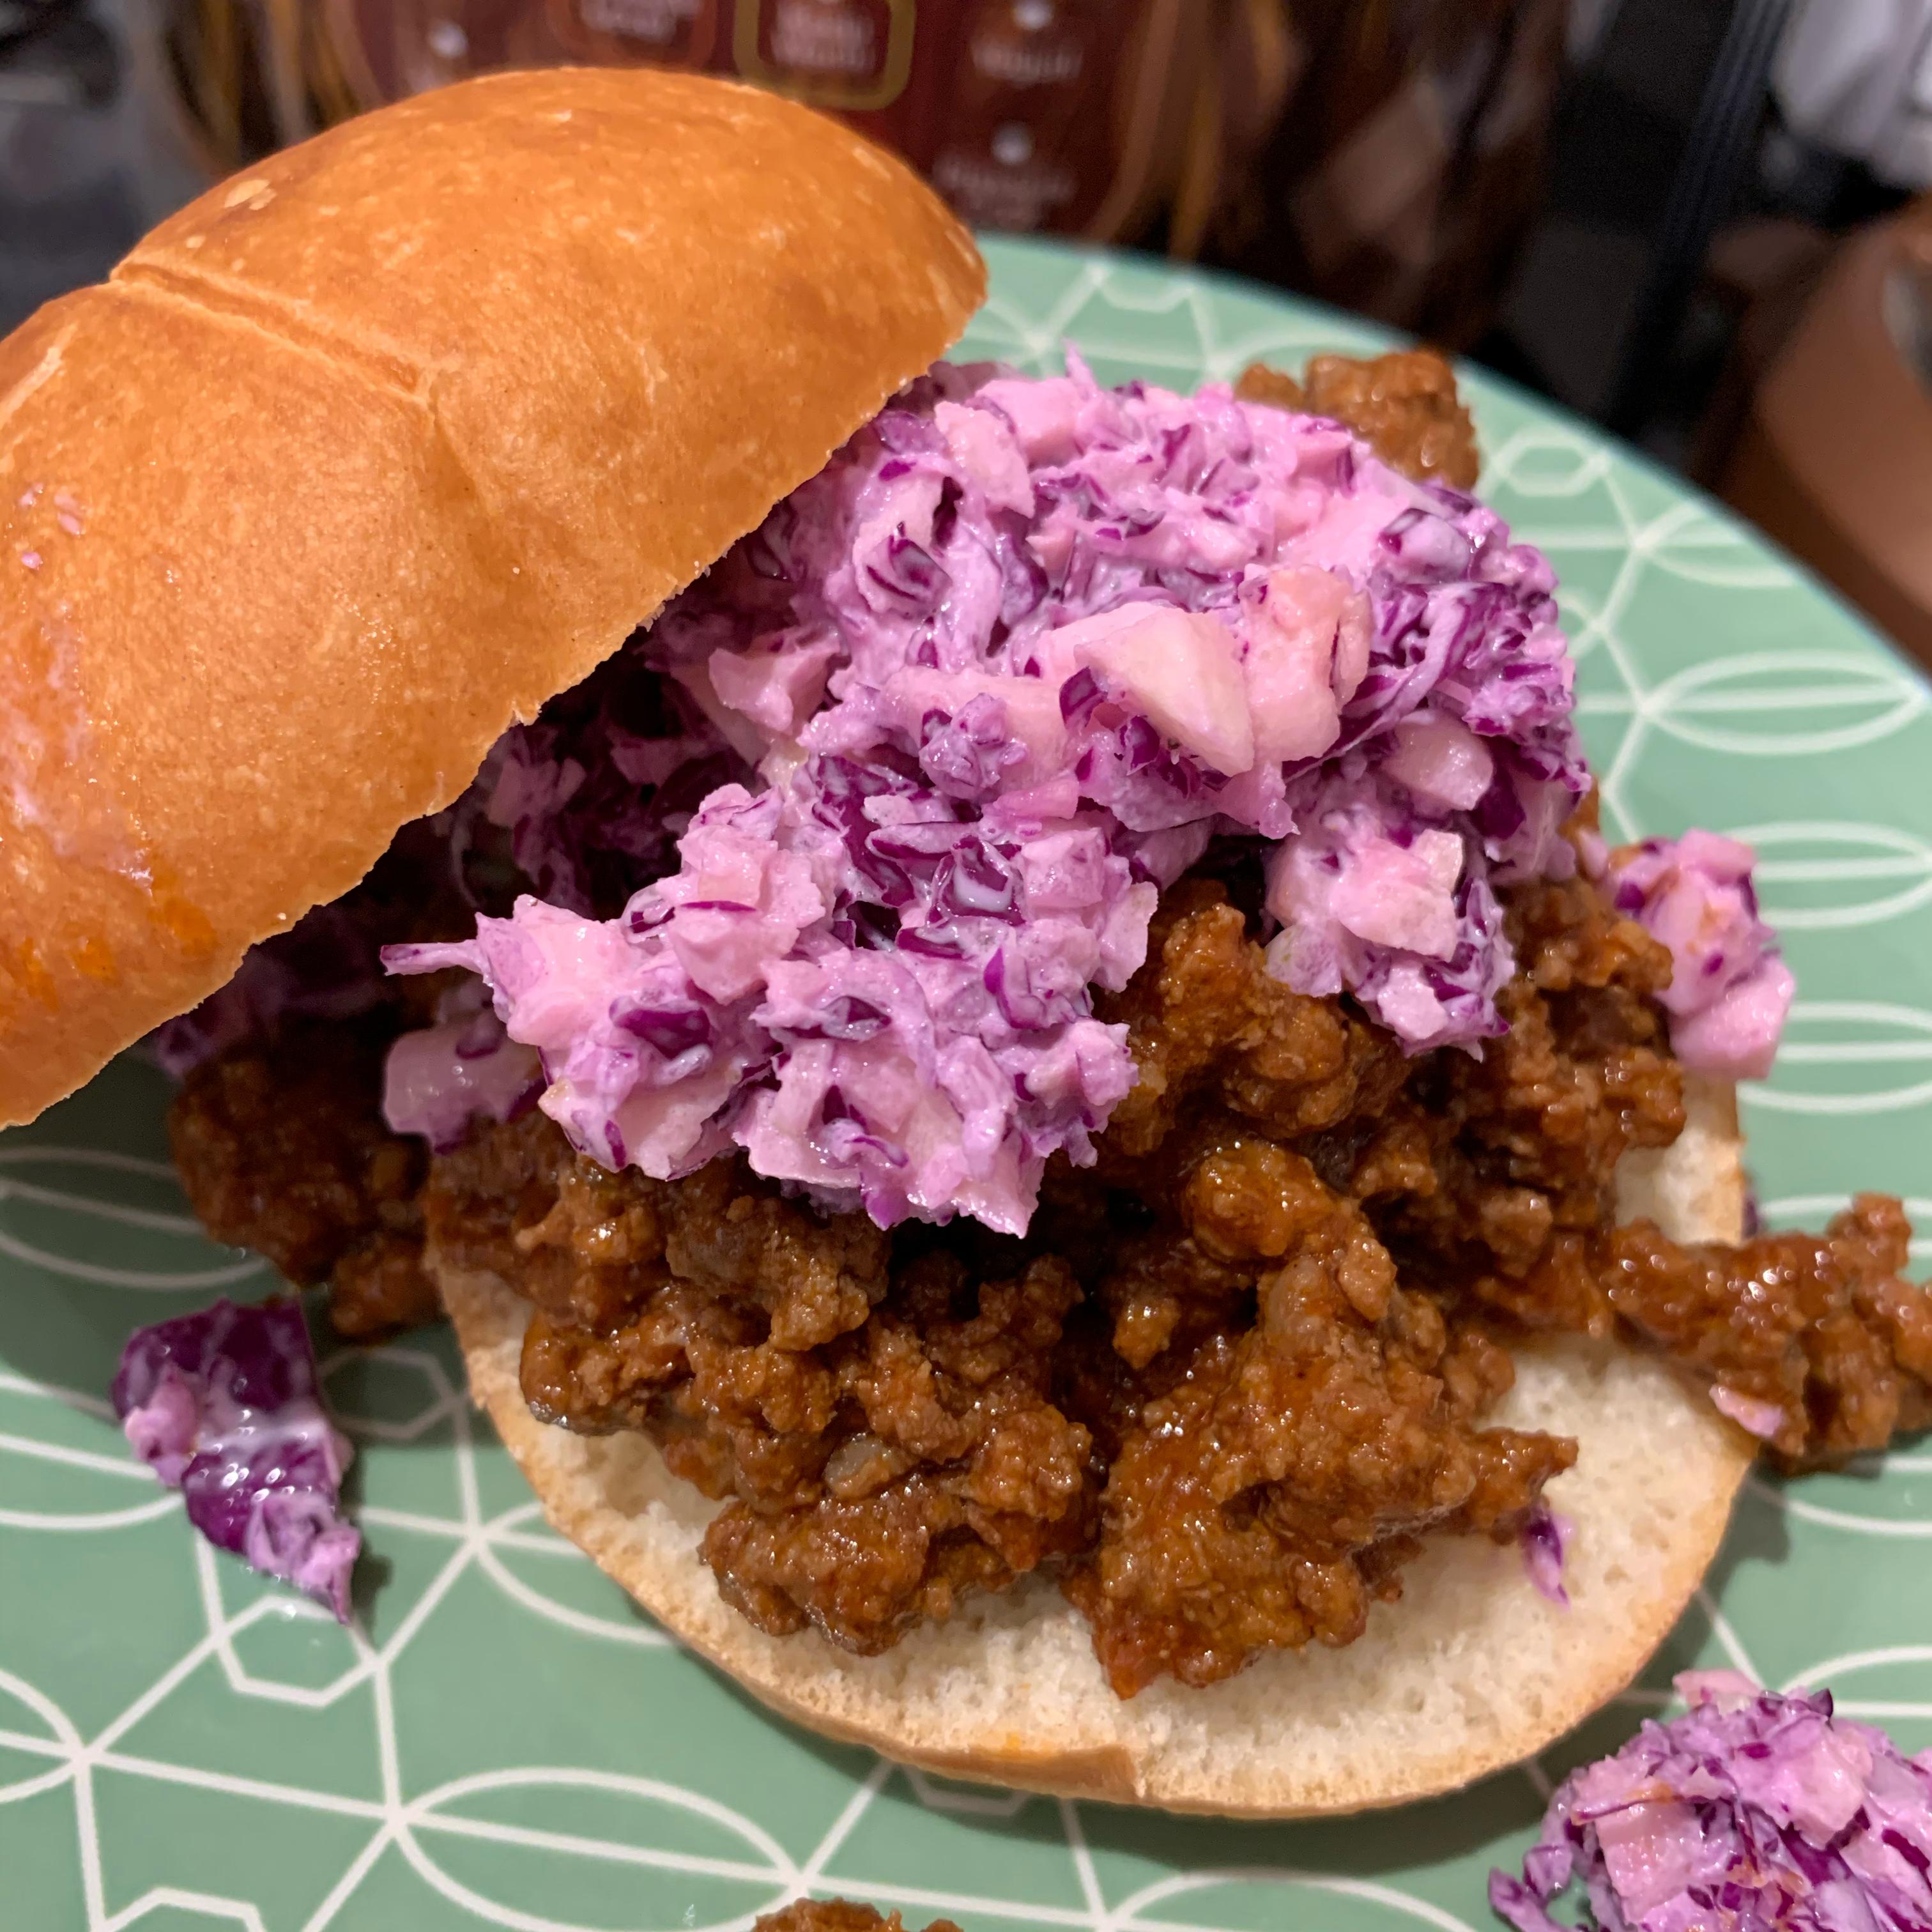 Purple Apple Slaw oihaberl